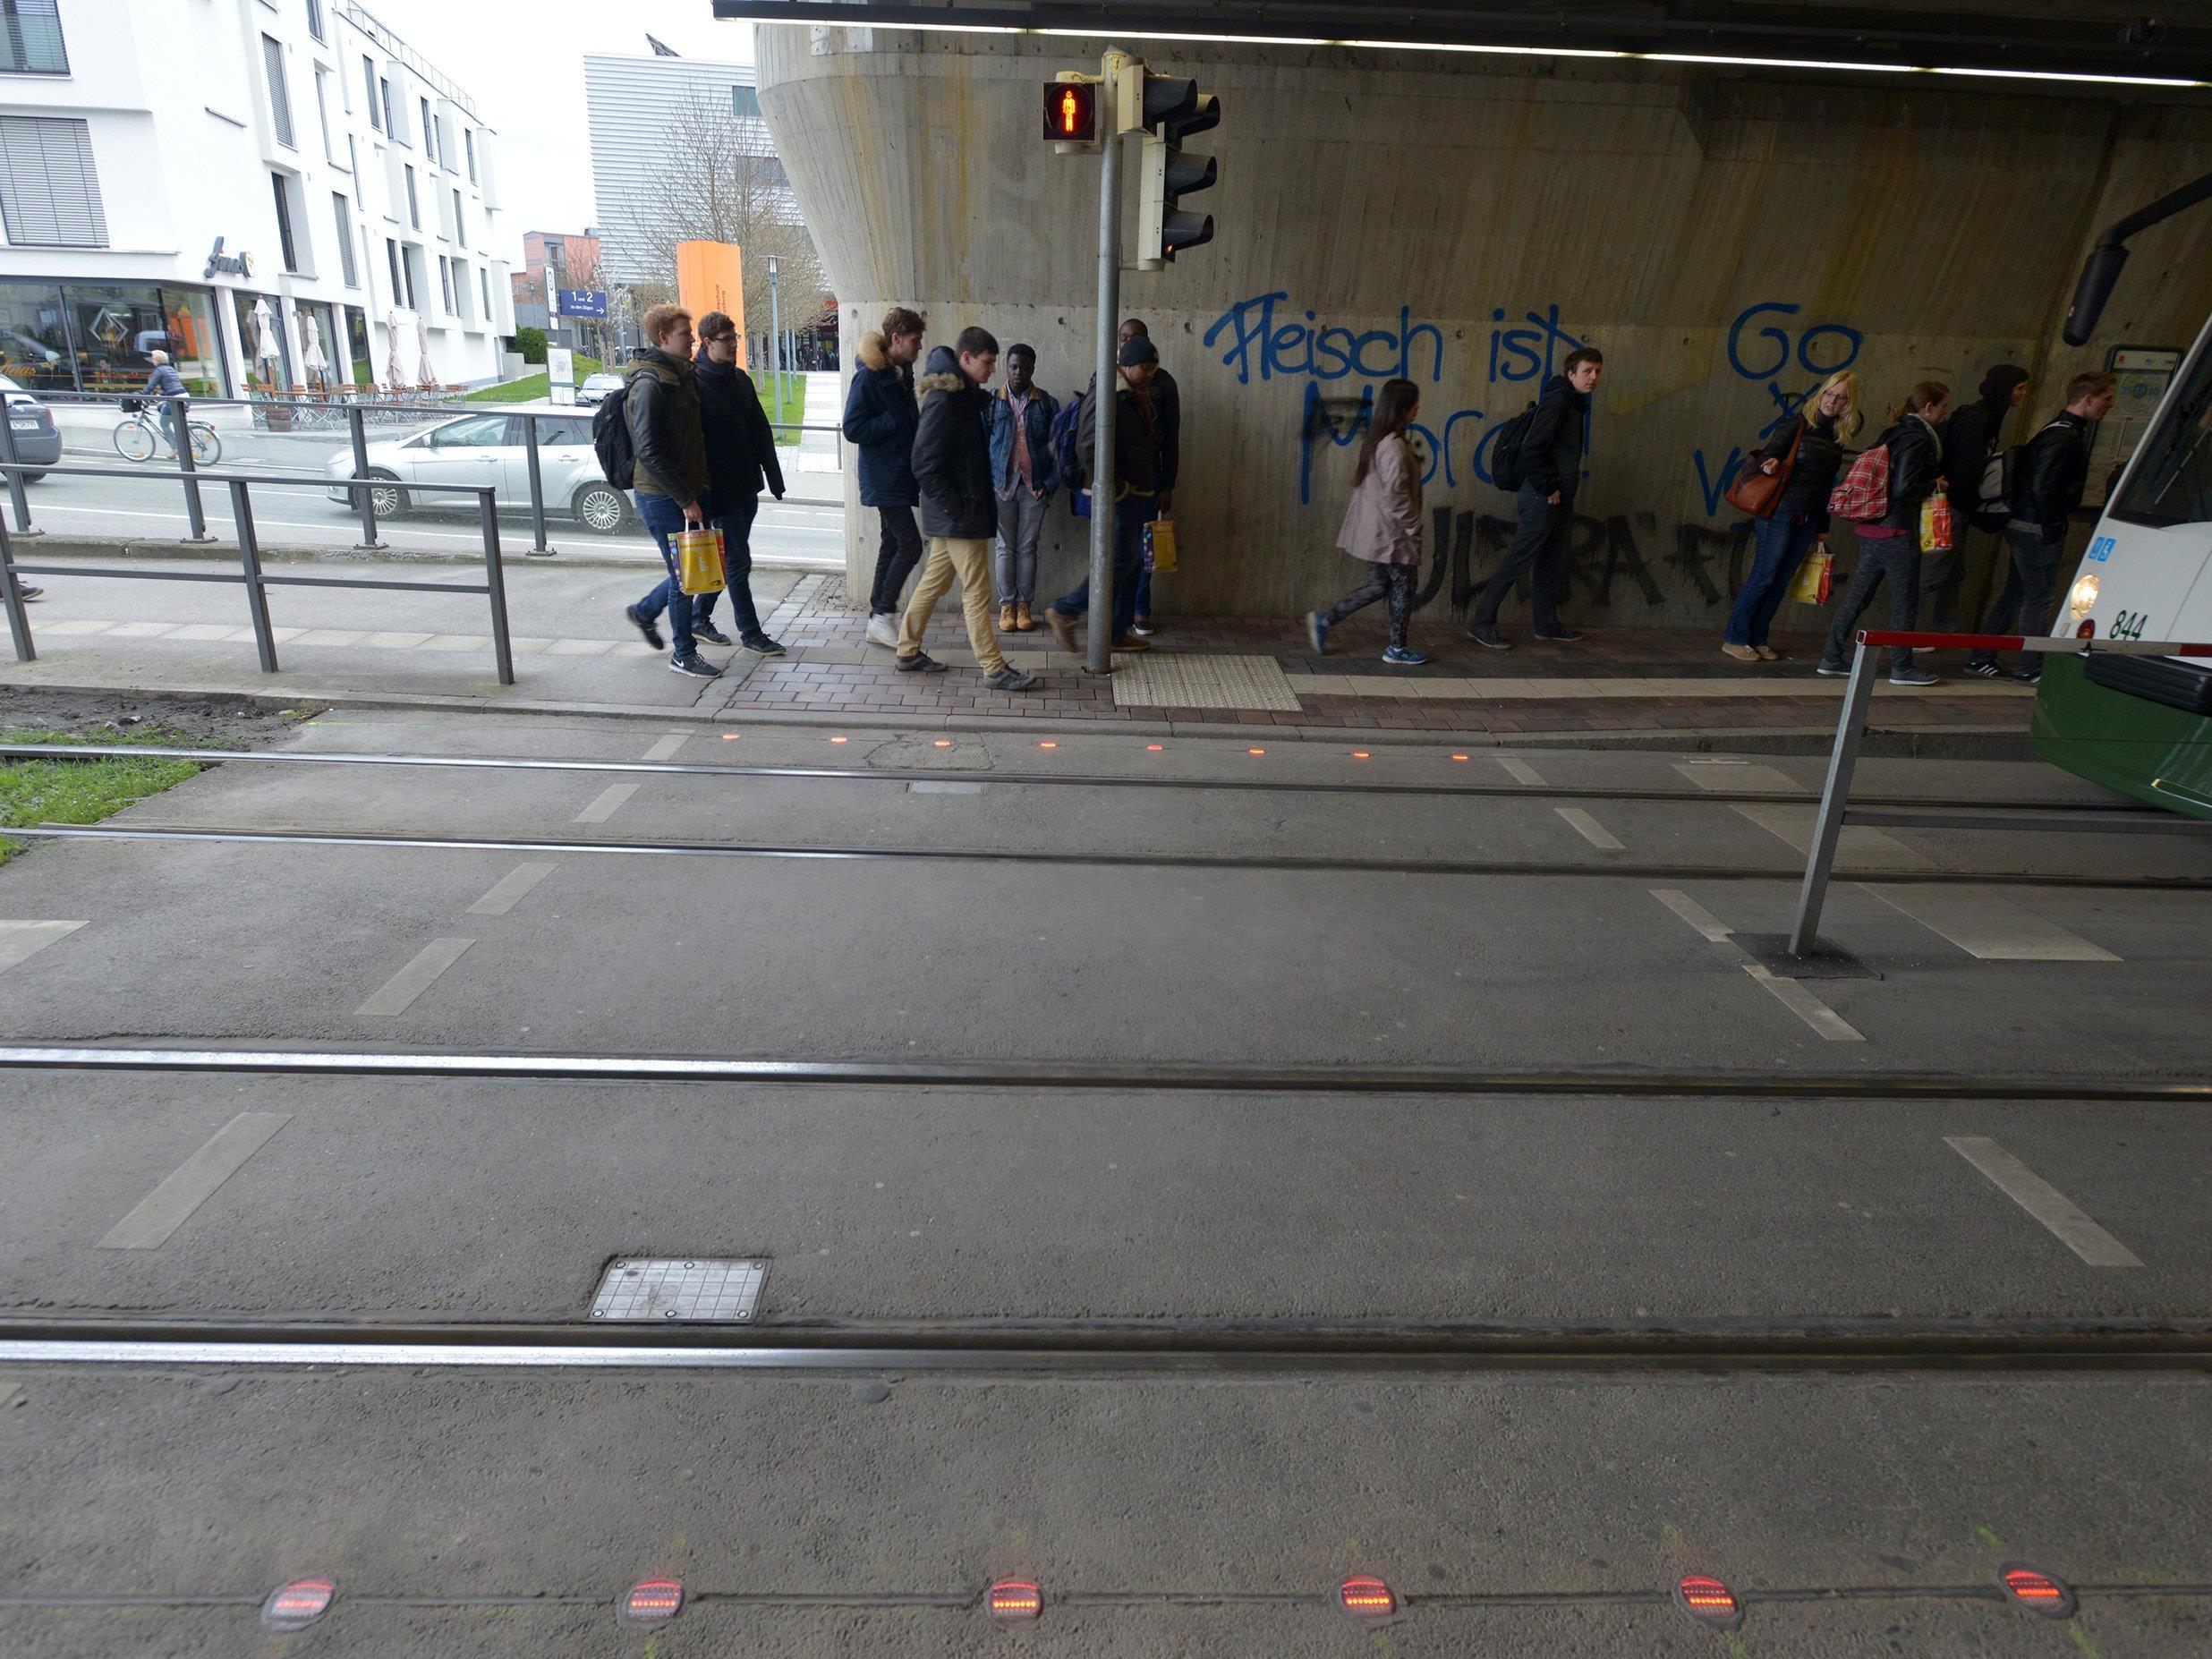 LED-Lichtsignale, die an zwei Haltestellenübergängen in Augsburg (Bayern) im Boden eingebaut sind